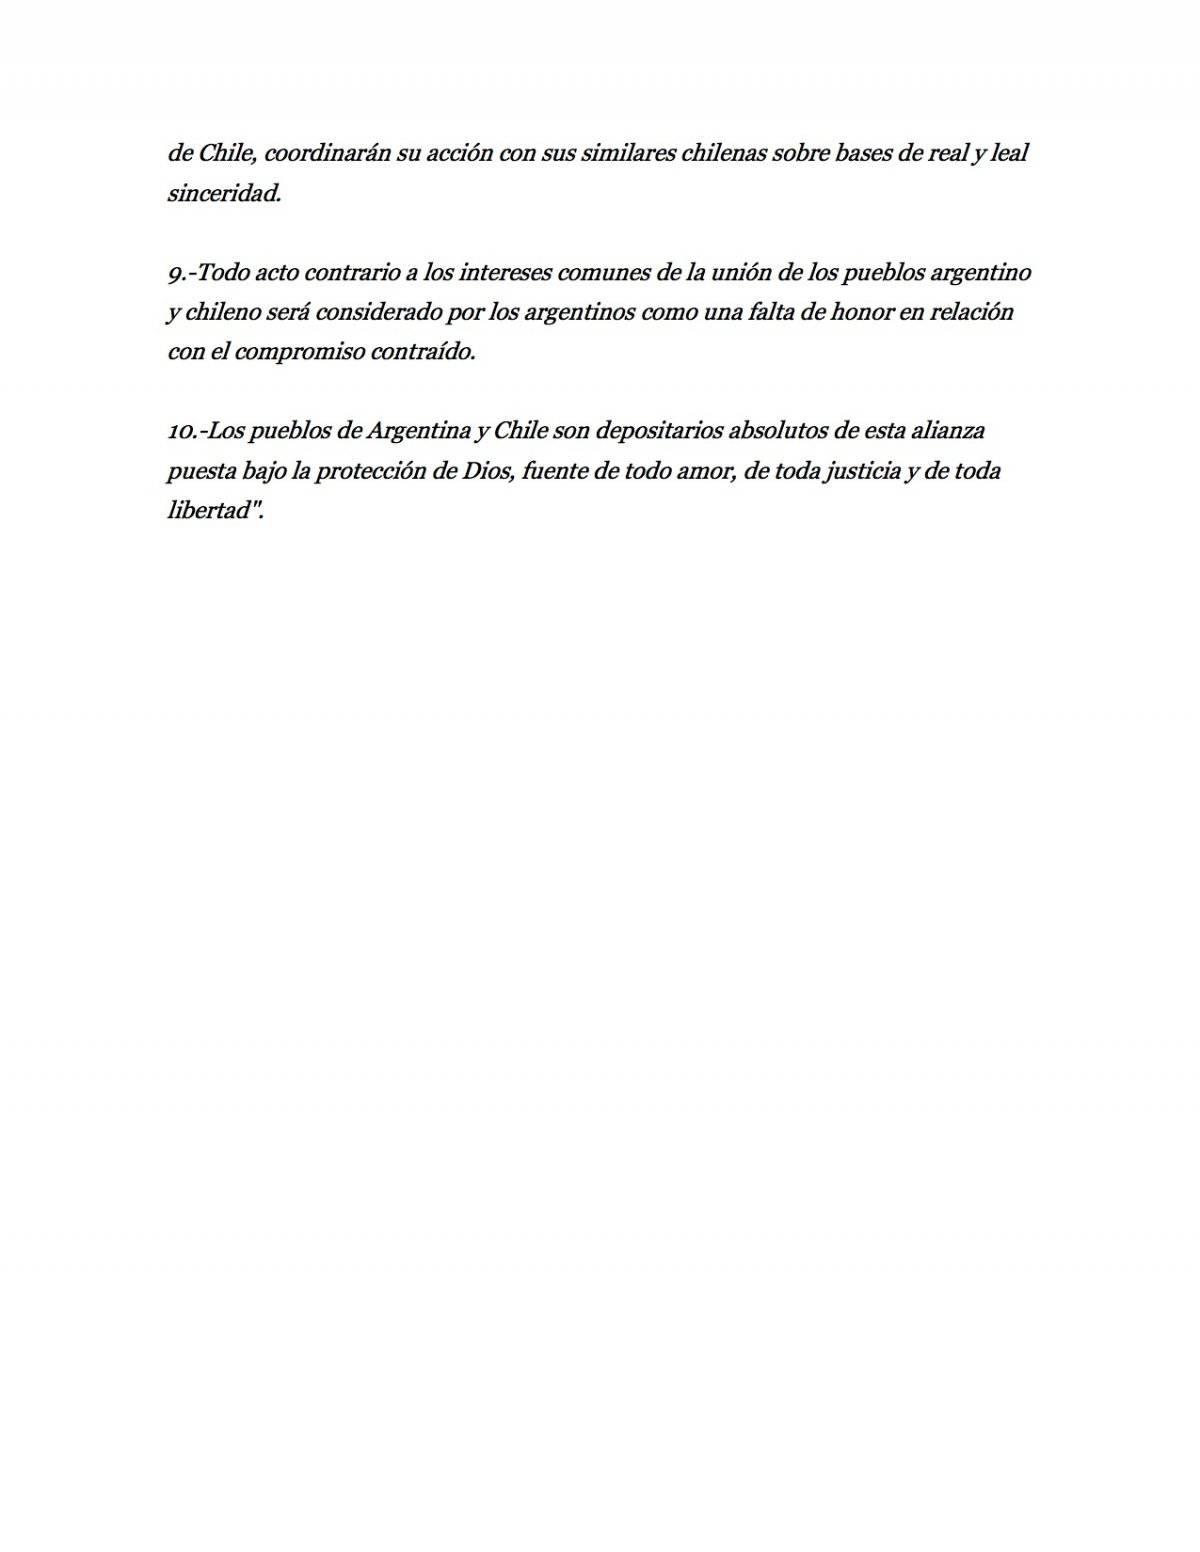 Decálogo Perón 2